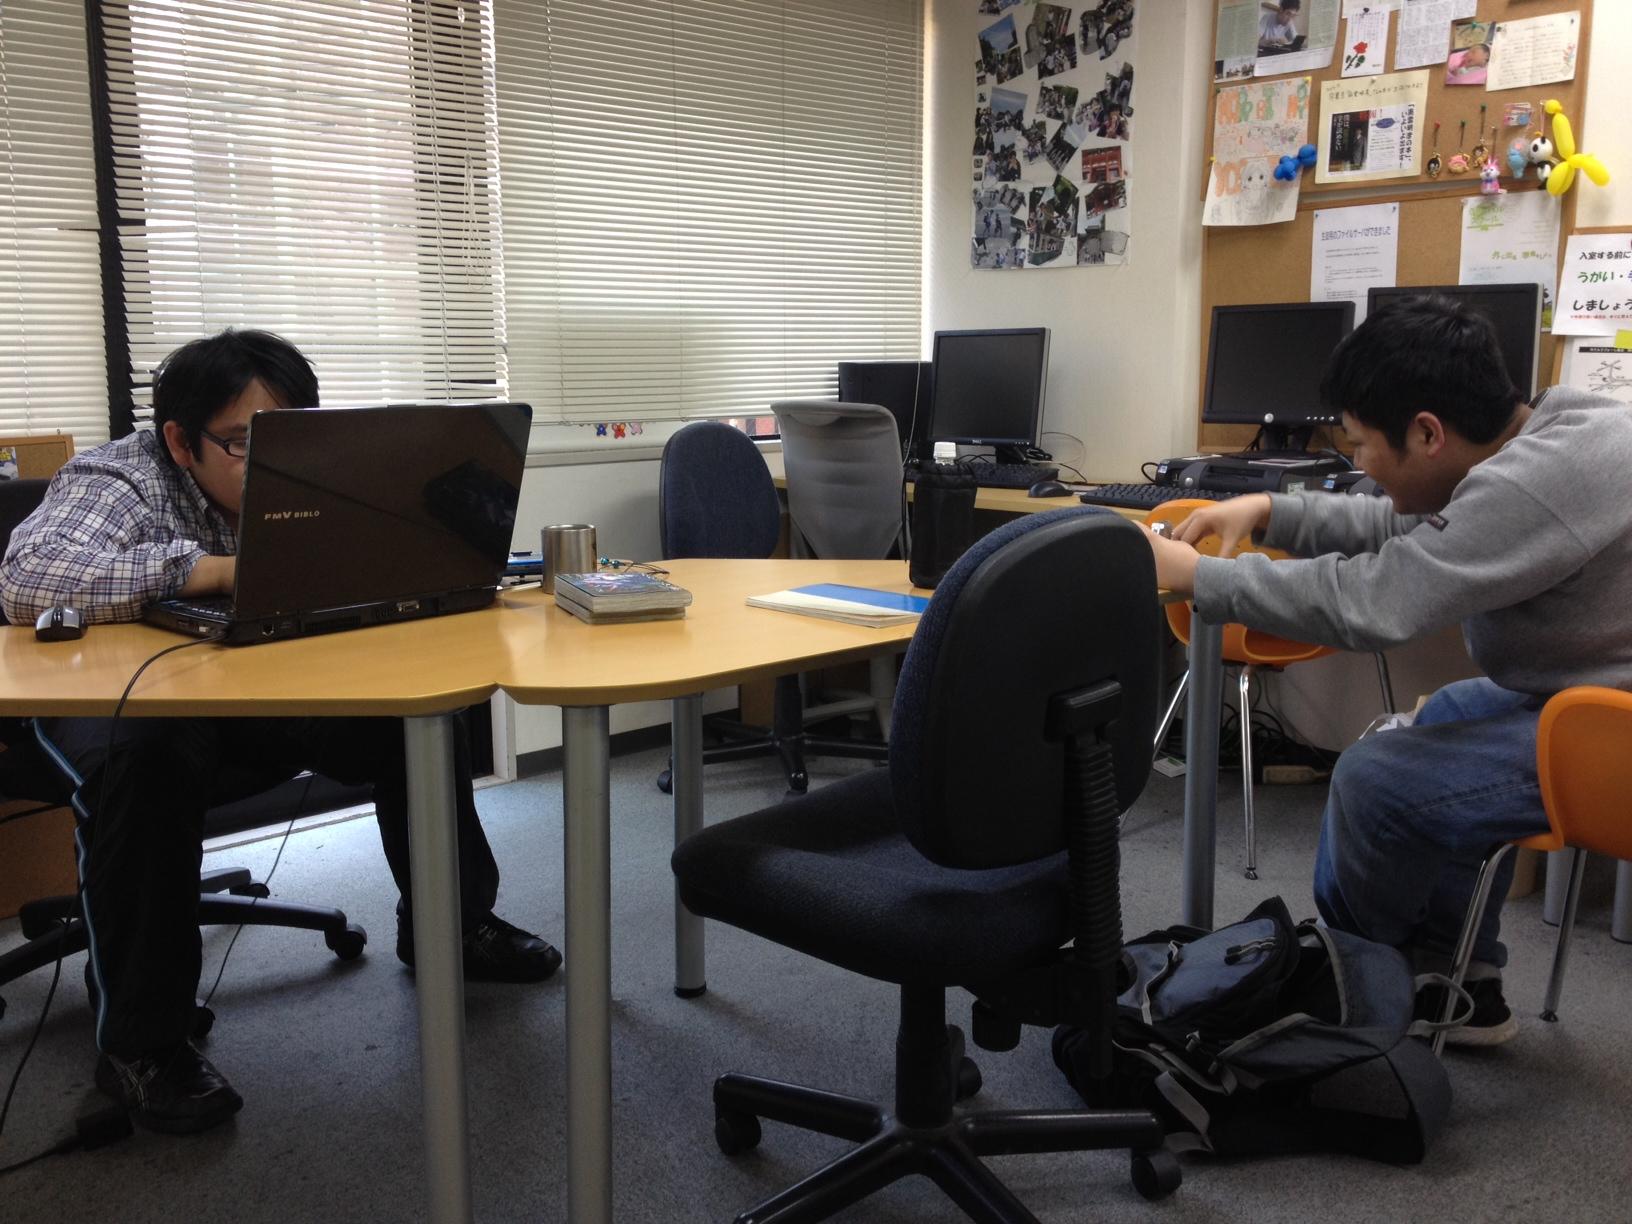 アットマーク国際高等学校品川キャンパスで猛烈に勉強する2人!